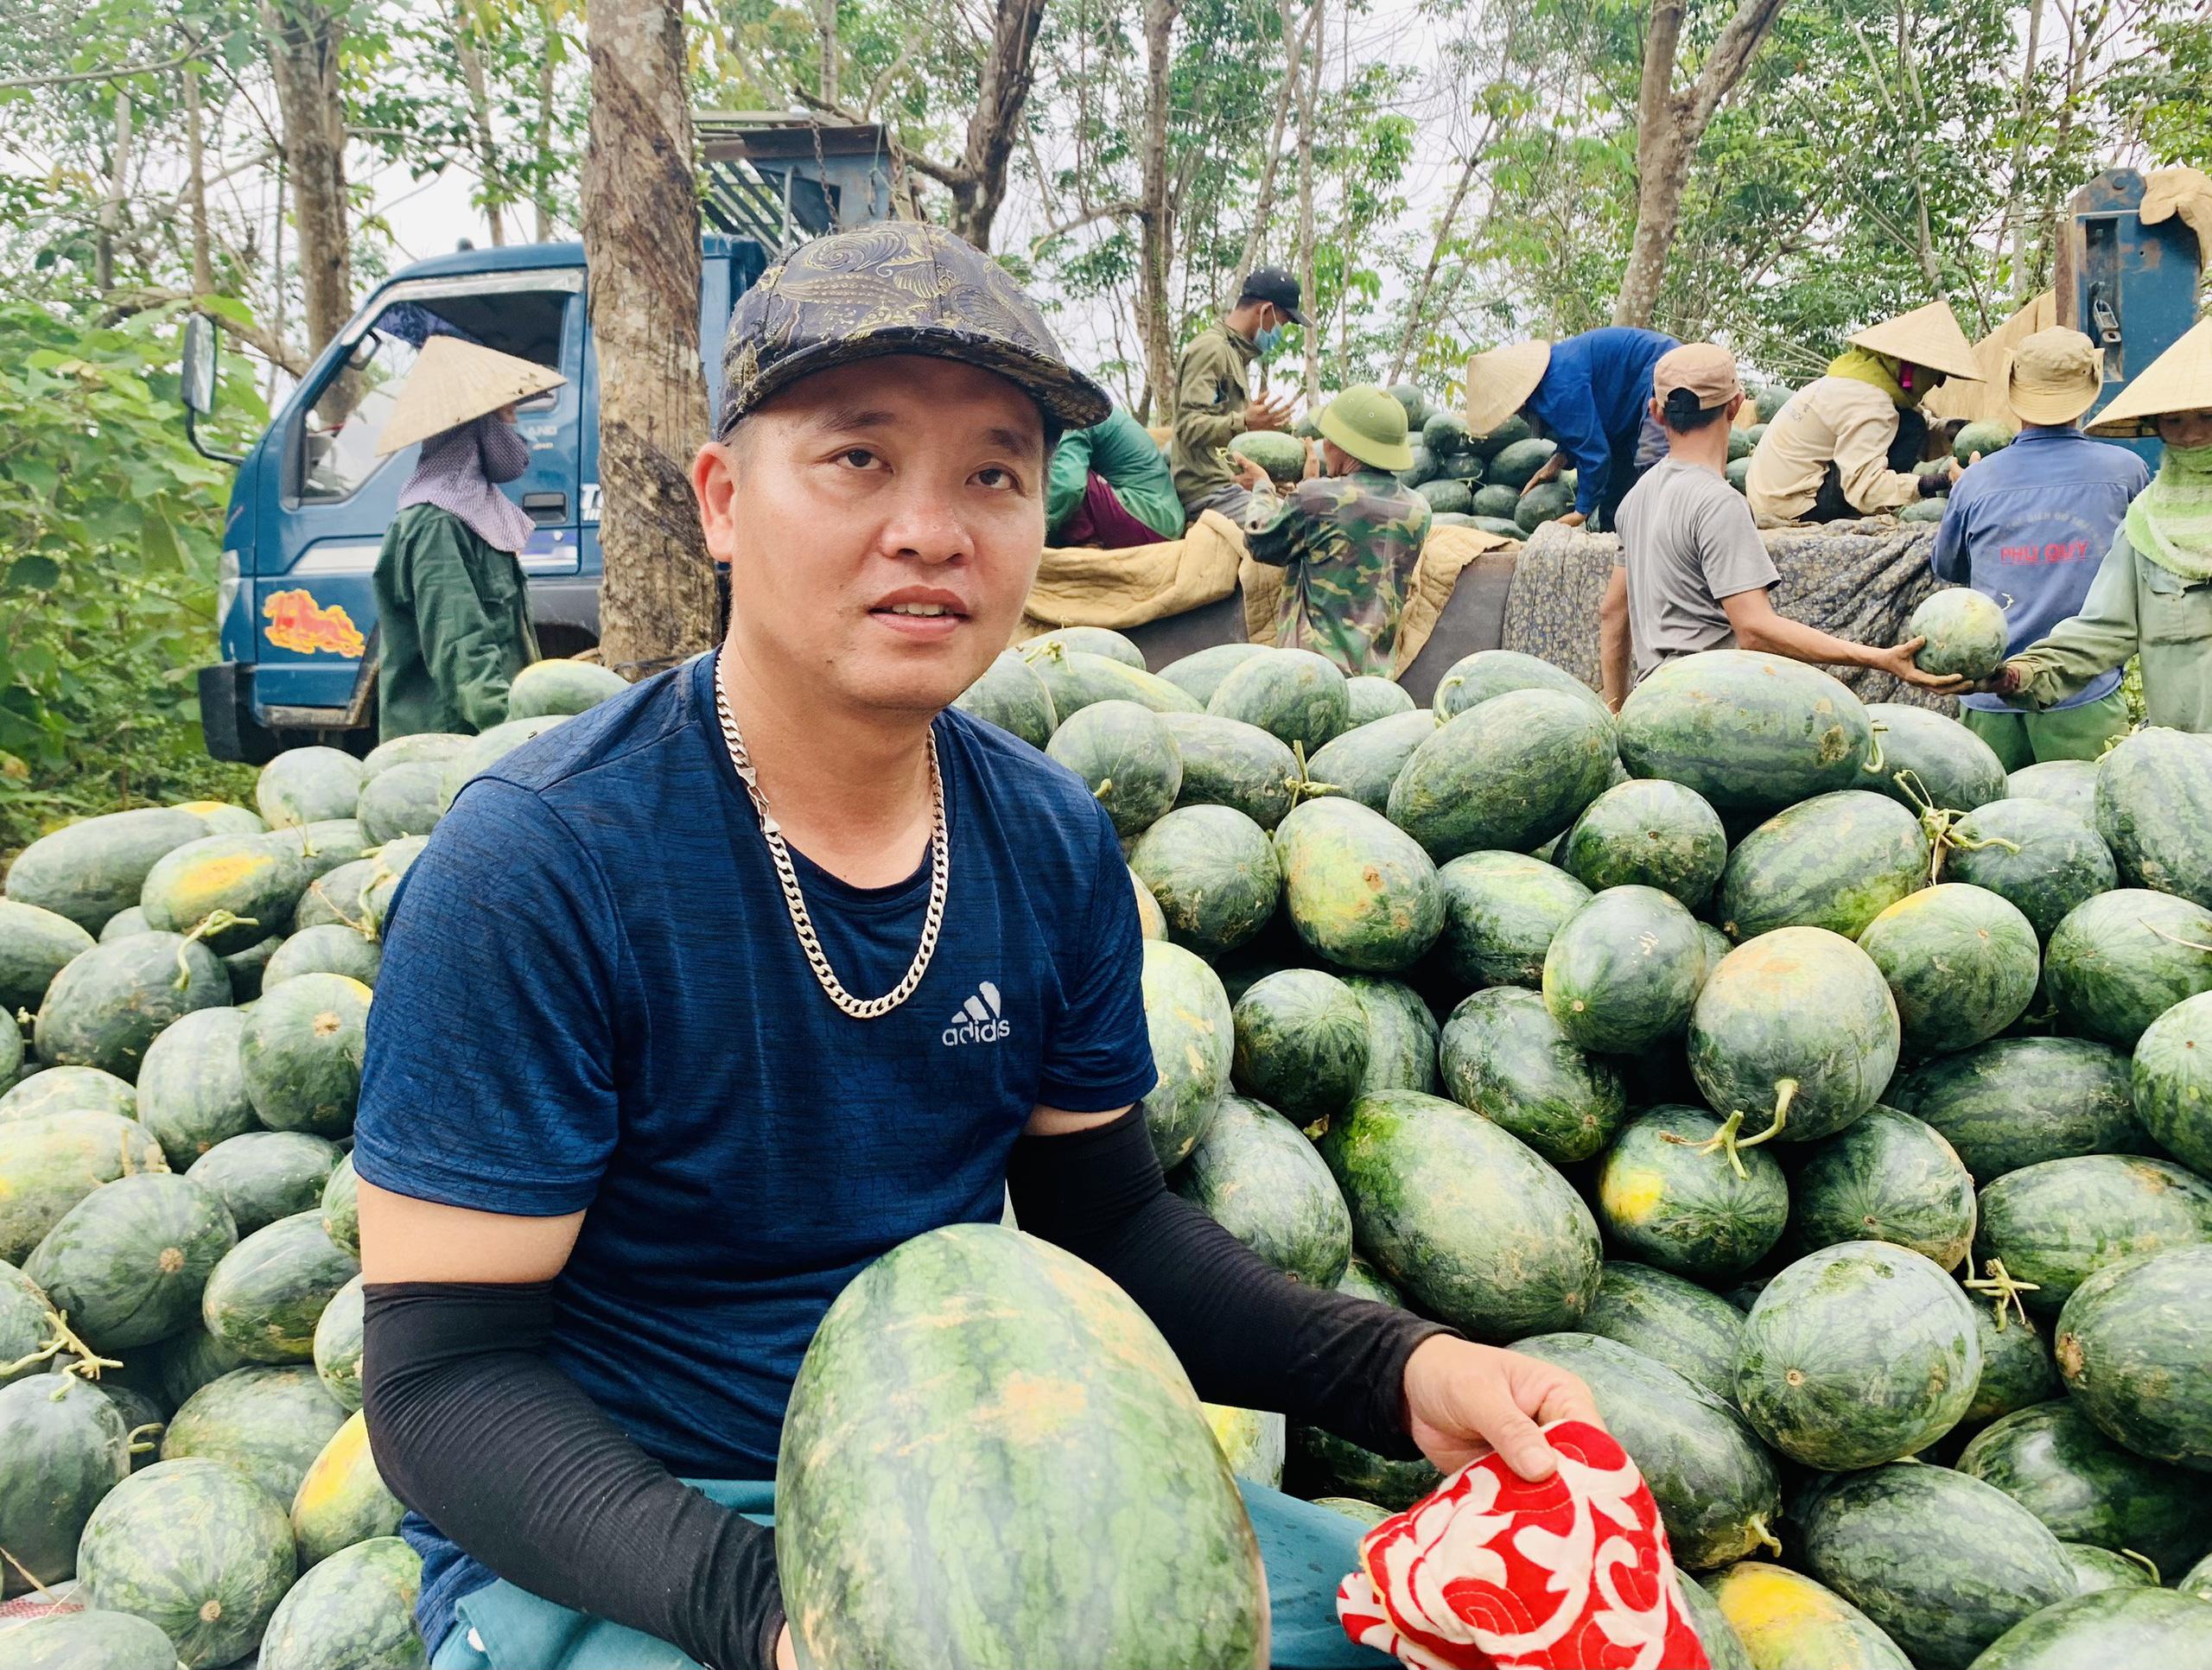 Quảng Bình: Dưa hấu cho quả to, nông dân đánh xe ô tô ra đồng thu hái - Ảnh 5.